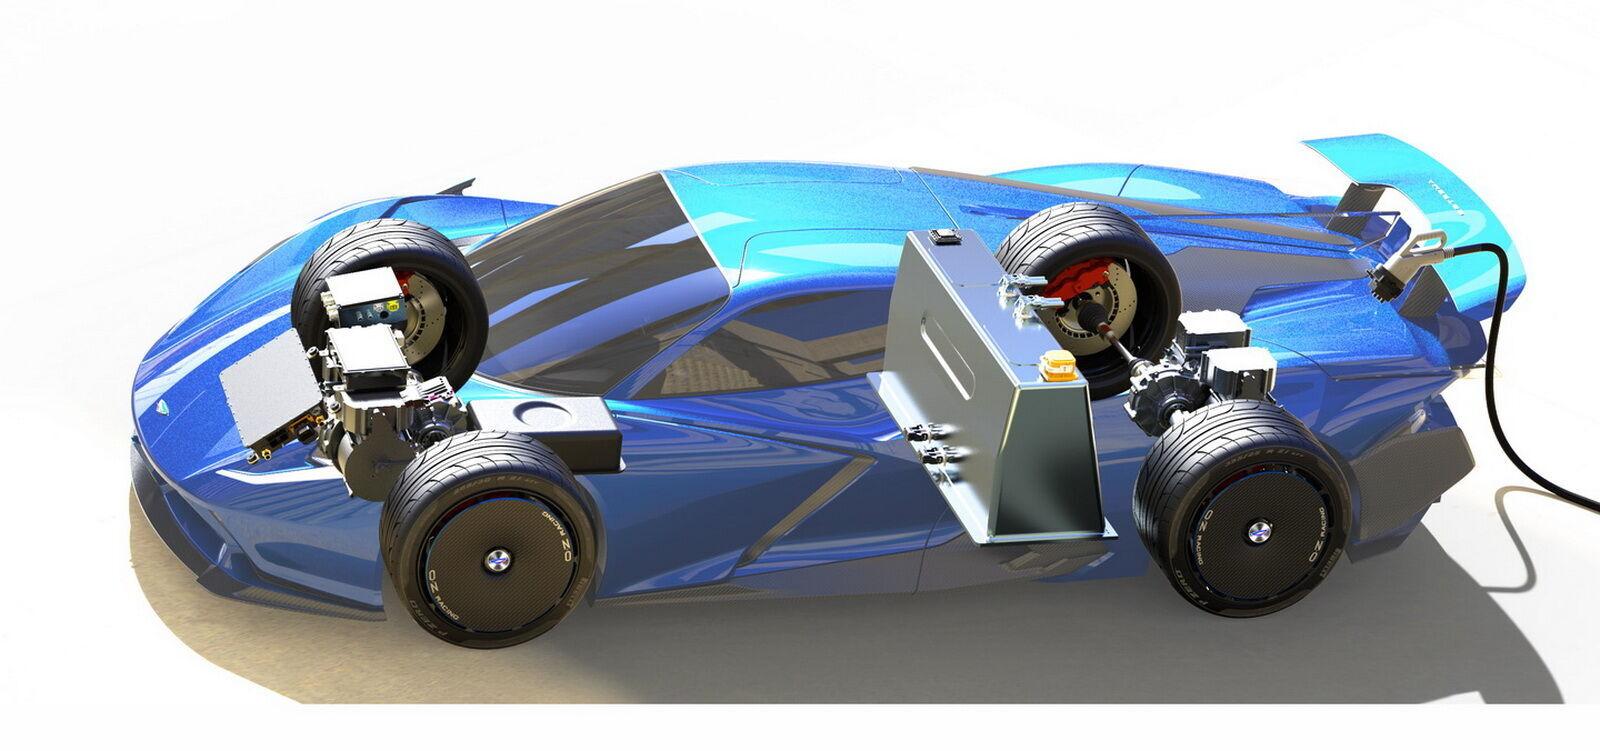 Суперконденсаторы находятся по соседству с передней осью, а батарея установлена за спинками кресел водителя и пассажира